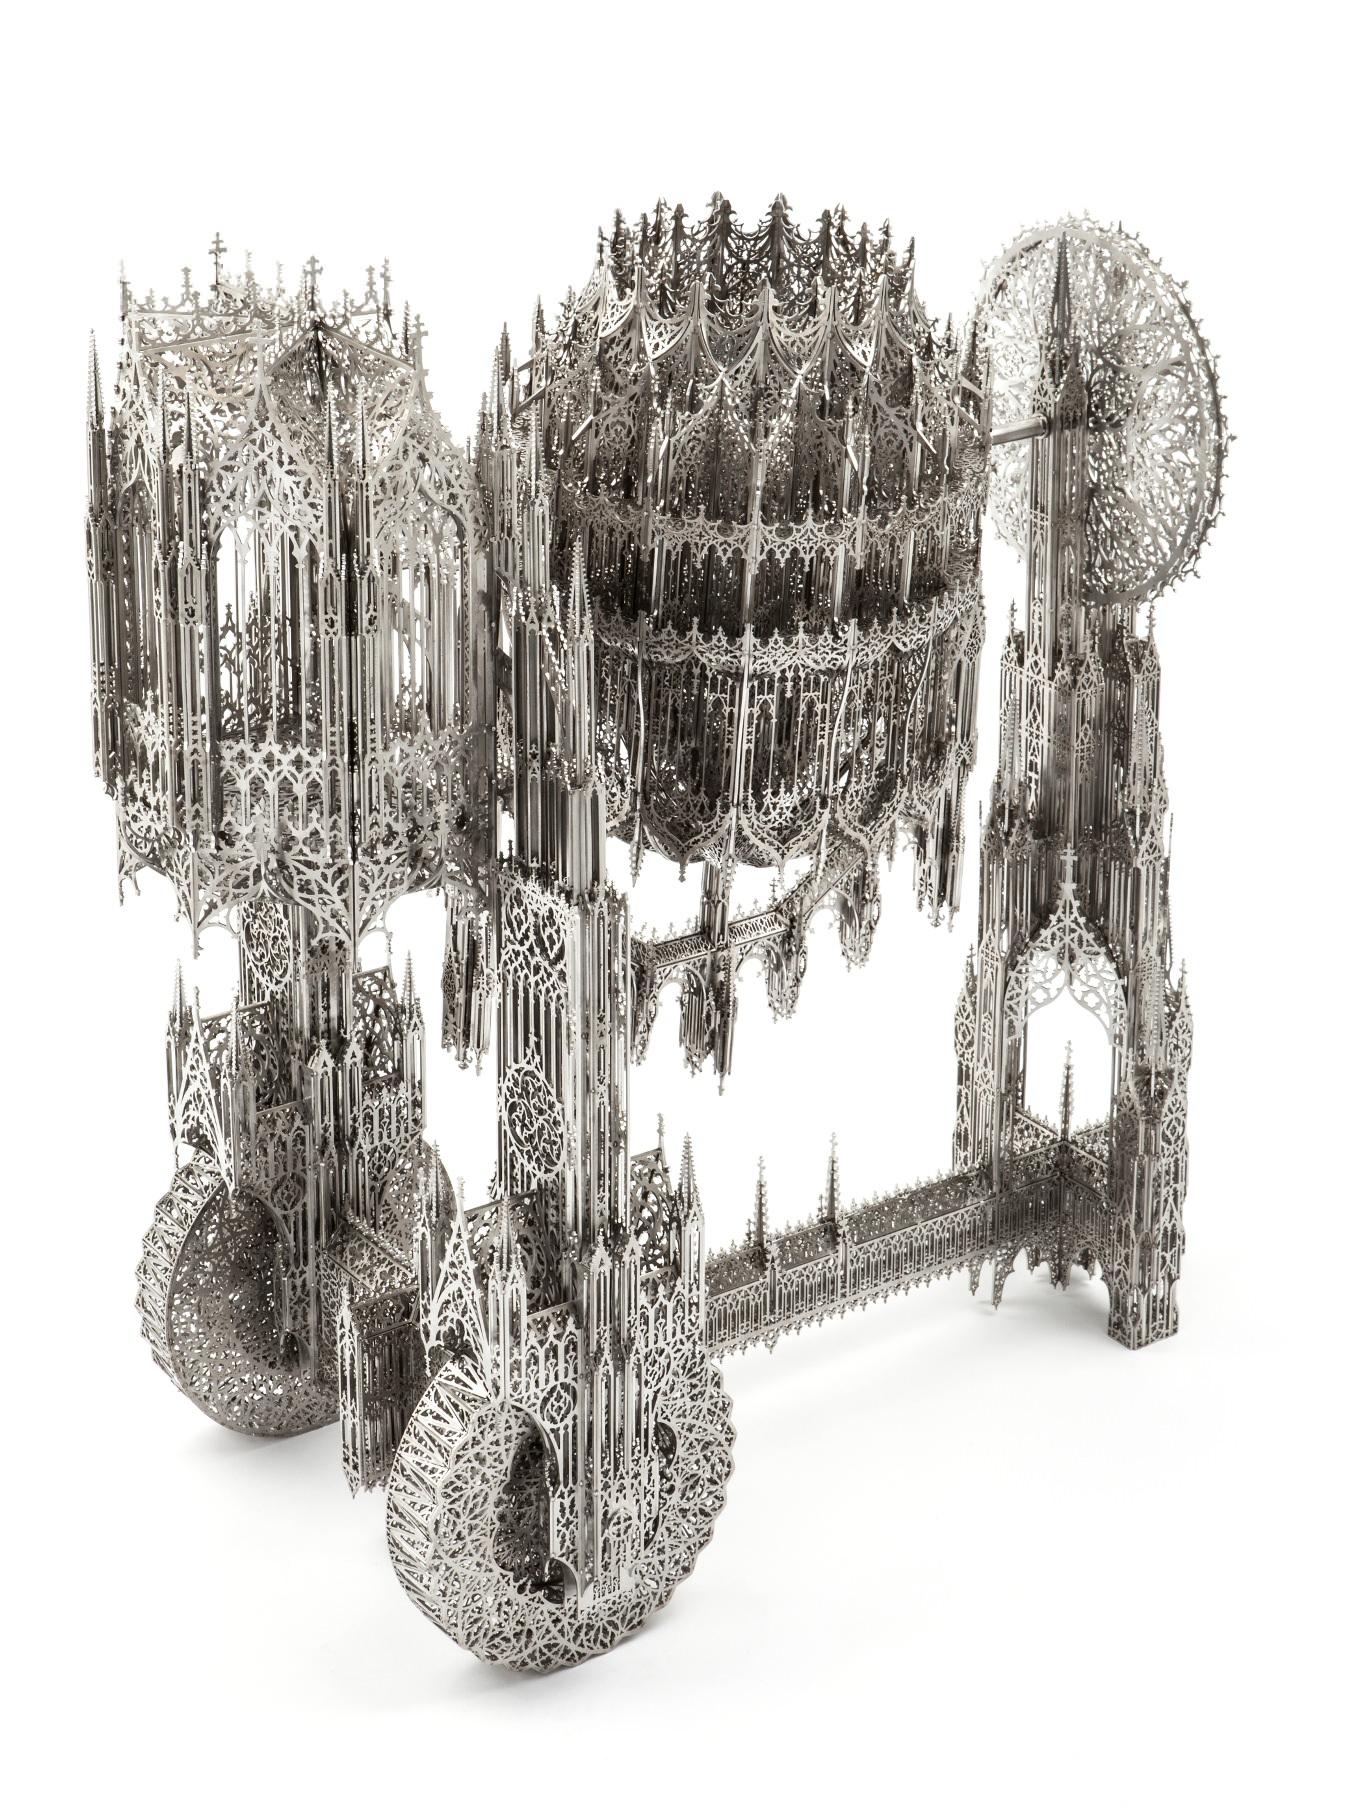 Wim Delvoye, Concrete Mixer, 2013, L 84,5 x 45 x H 105 cm, laser-cut stainless steel